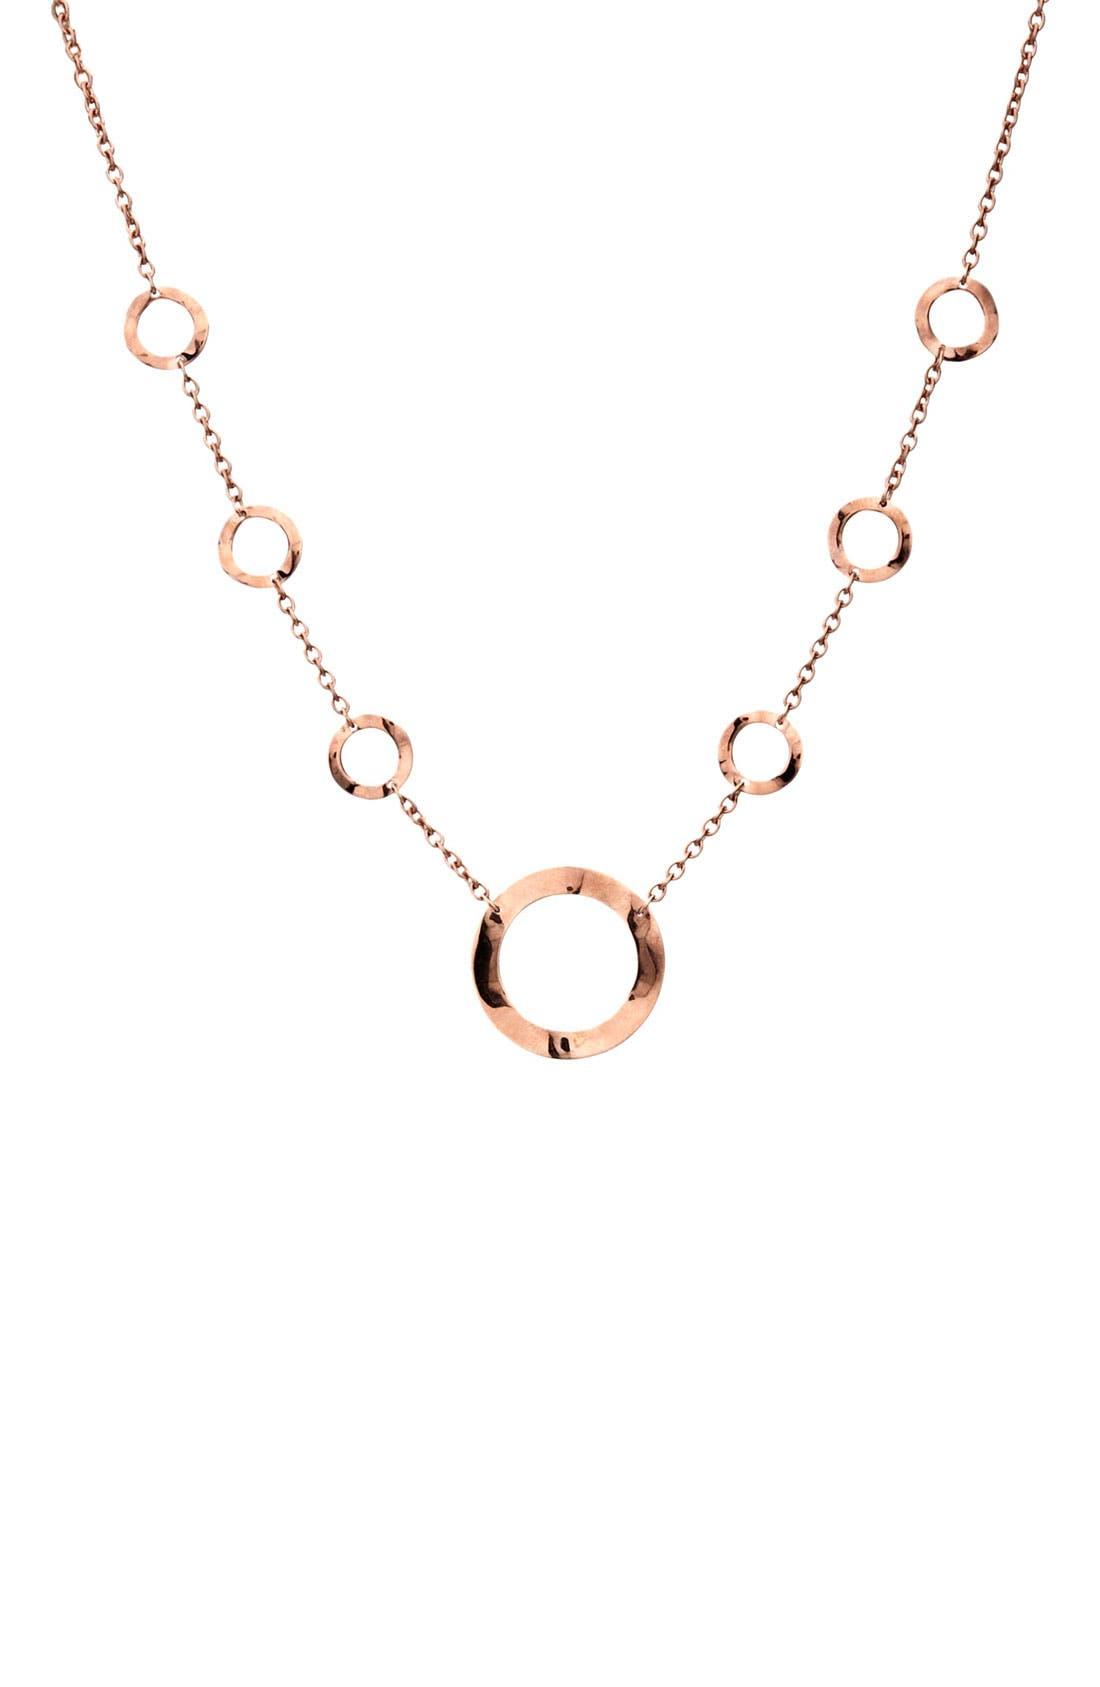 Alternate Image 1 Selected - Ippolita 'Lite Links' Rosé Circle Station Short Necklace